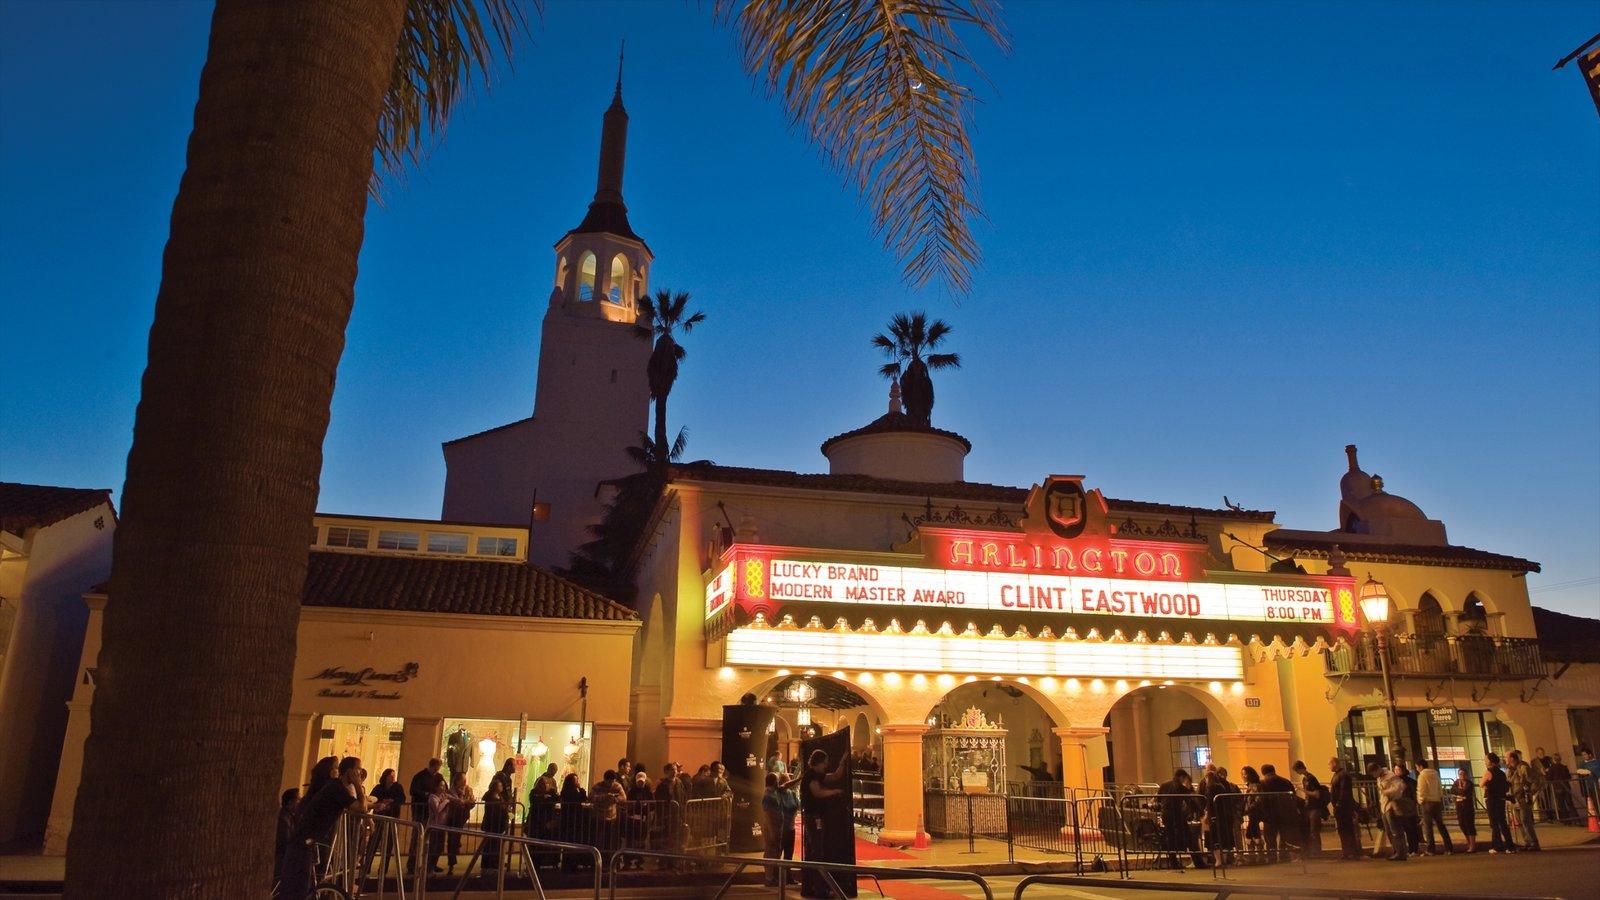 Santa Barbara caracterizando sinalização, cenas noturnas e cenas de teatro